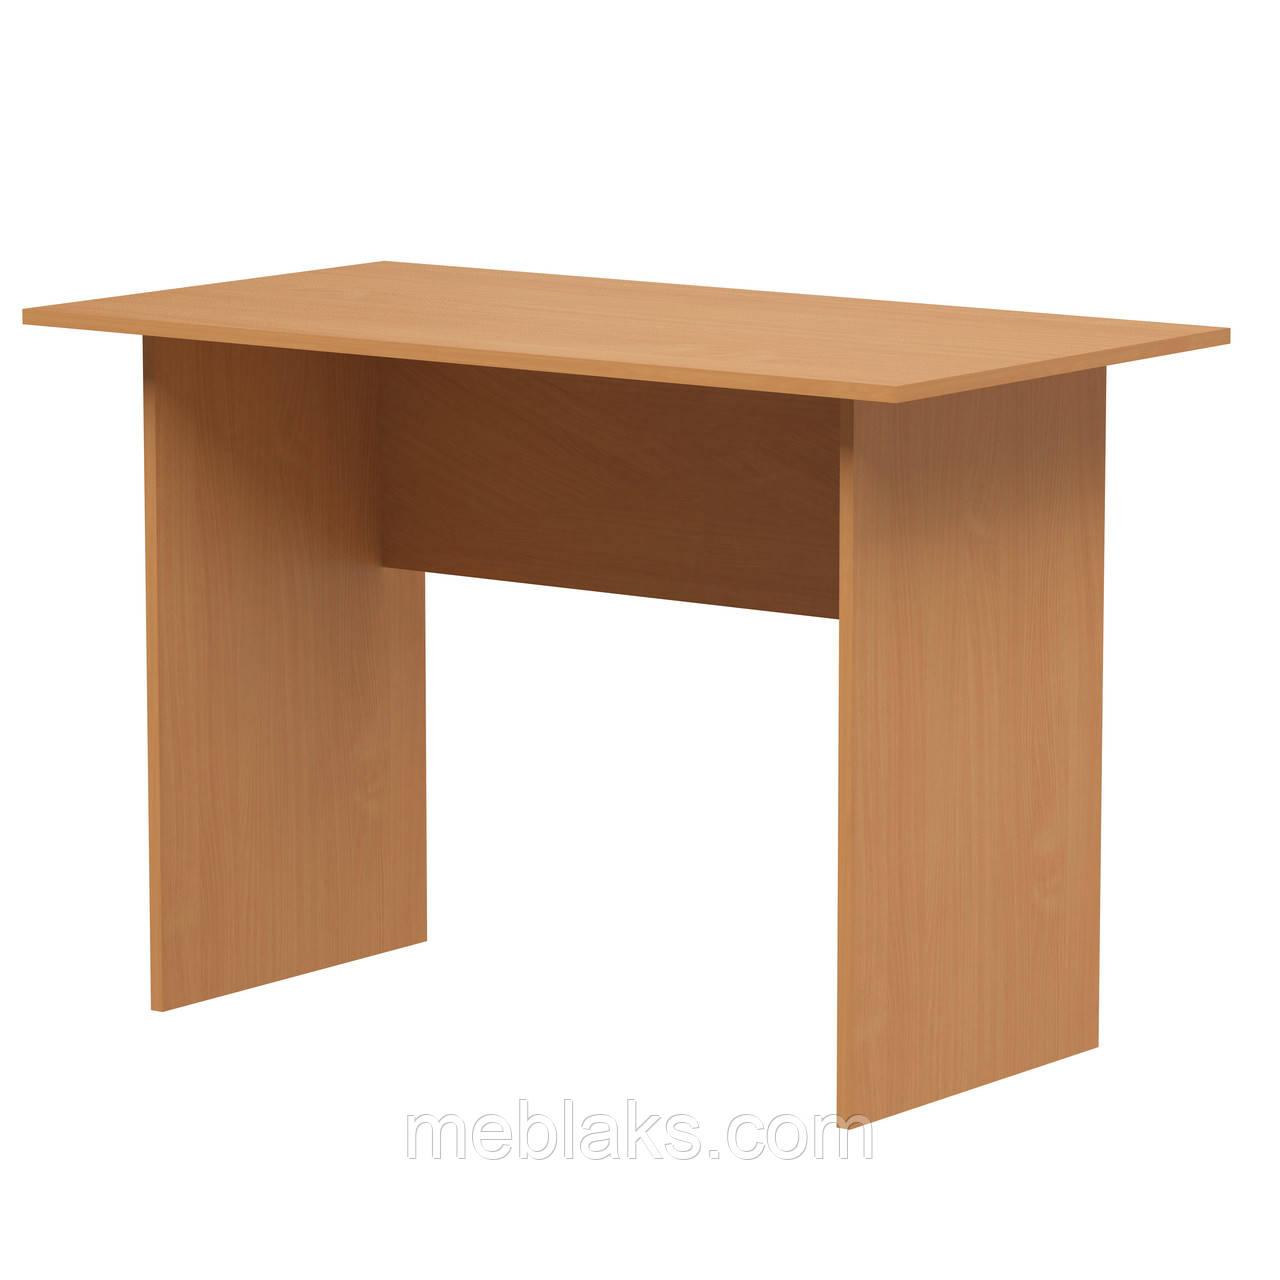 Компьютерный стол-парта Юнона 110